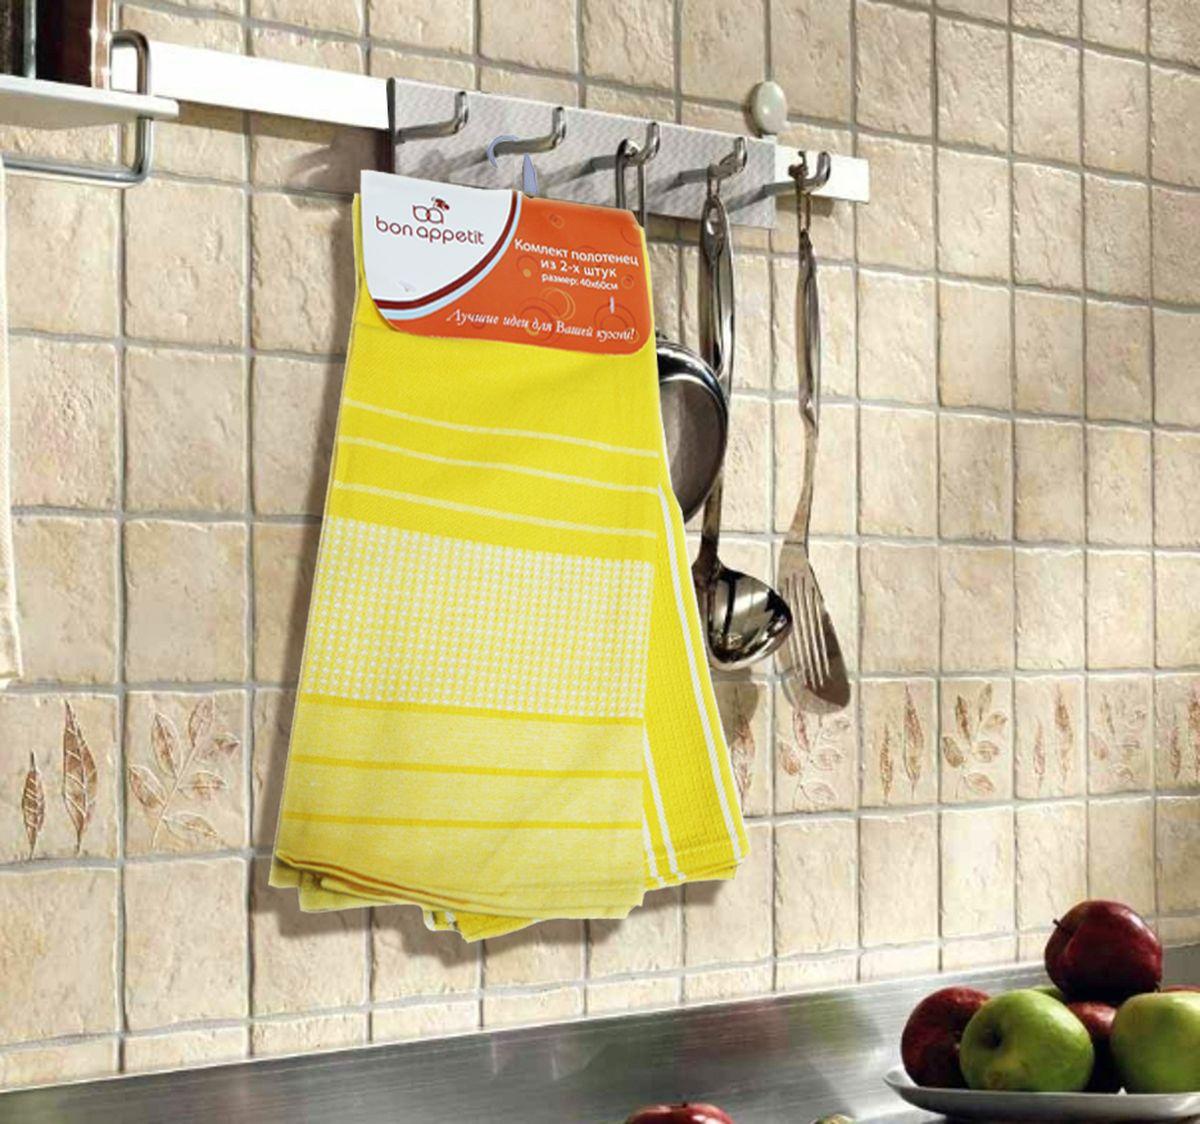 Набор кухонных полотенец Bon Appetit WW01, цвет: желтый, 2 шт48968Кухонные Полотенца Bon Appetit - В помощь хозяйке на кухне!!! Кухонные Полотенца Bon Appetit идеально дополнят интерьер вашей кухни и создадут атмосферу уюта и комфорта. Полотенца выполнены из натурального 100% Хлопка, поэтому являются экологически чистыми. Качество материала гарантирует безопасность не только взрослых, но и самых маленьких членов семьи. Bon Appetit – Интерьер и Практичность Современной Кухни!